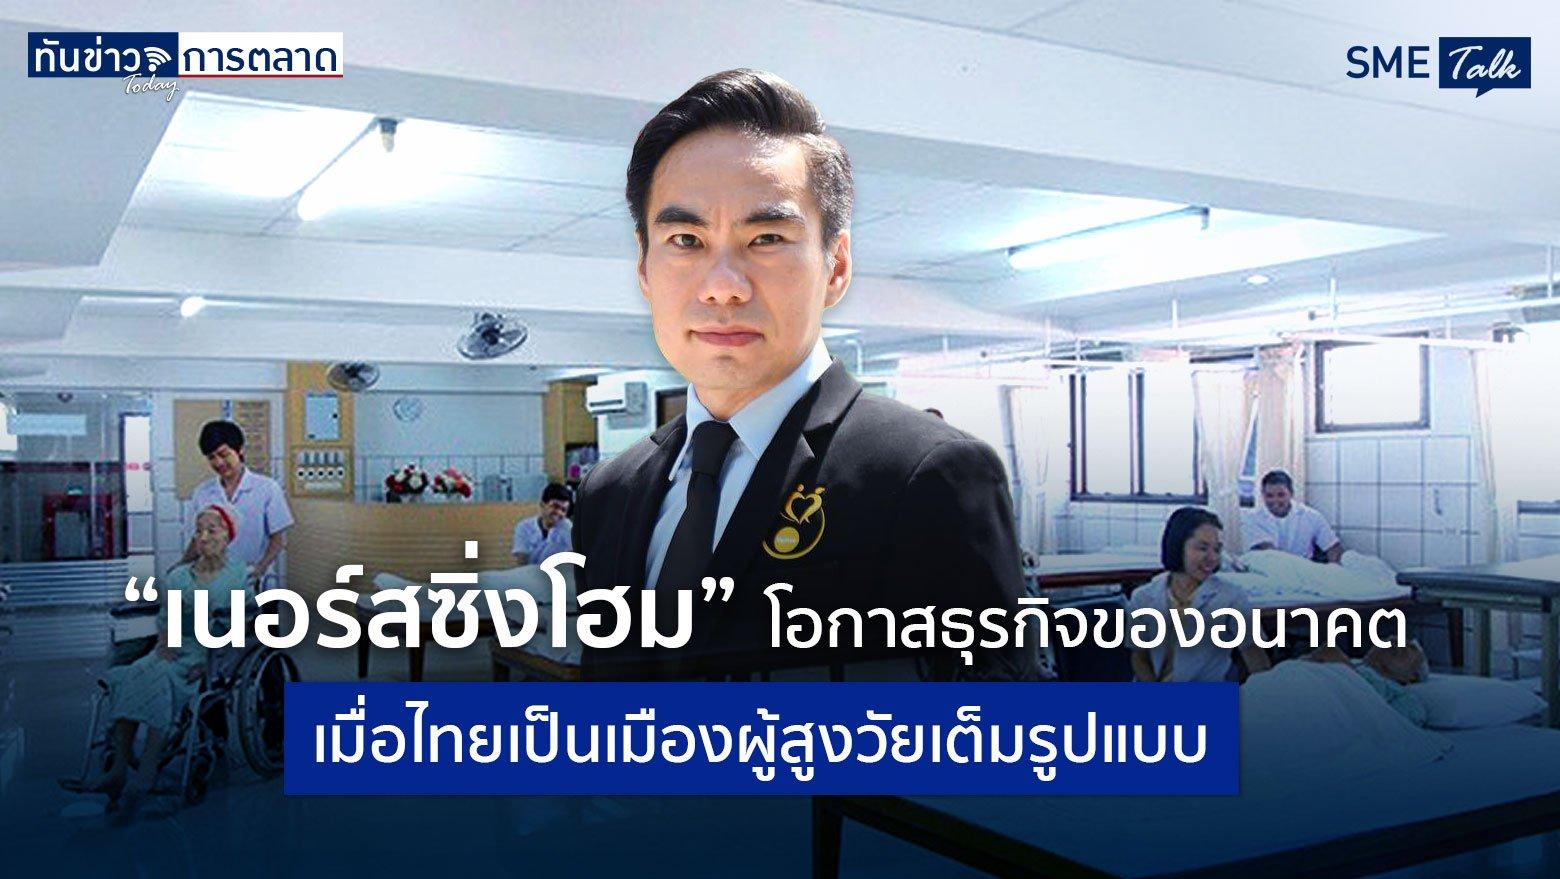 """""""กิจการดูแลผู้สูงอายุ-เนอร์สซิ่งโฮม"""" โอกาสธุรกิจของอนาคต เมื่อไทยเป็นเมืองผู้สูงวัยเต็มรูปแบบ"""